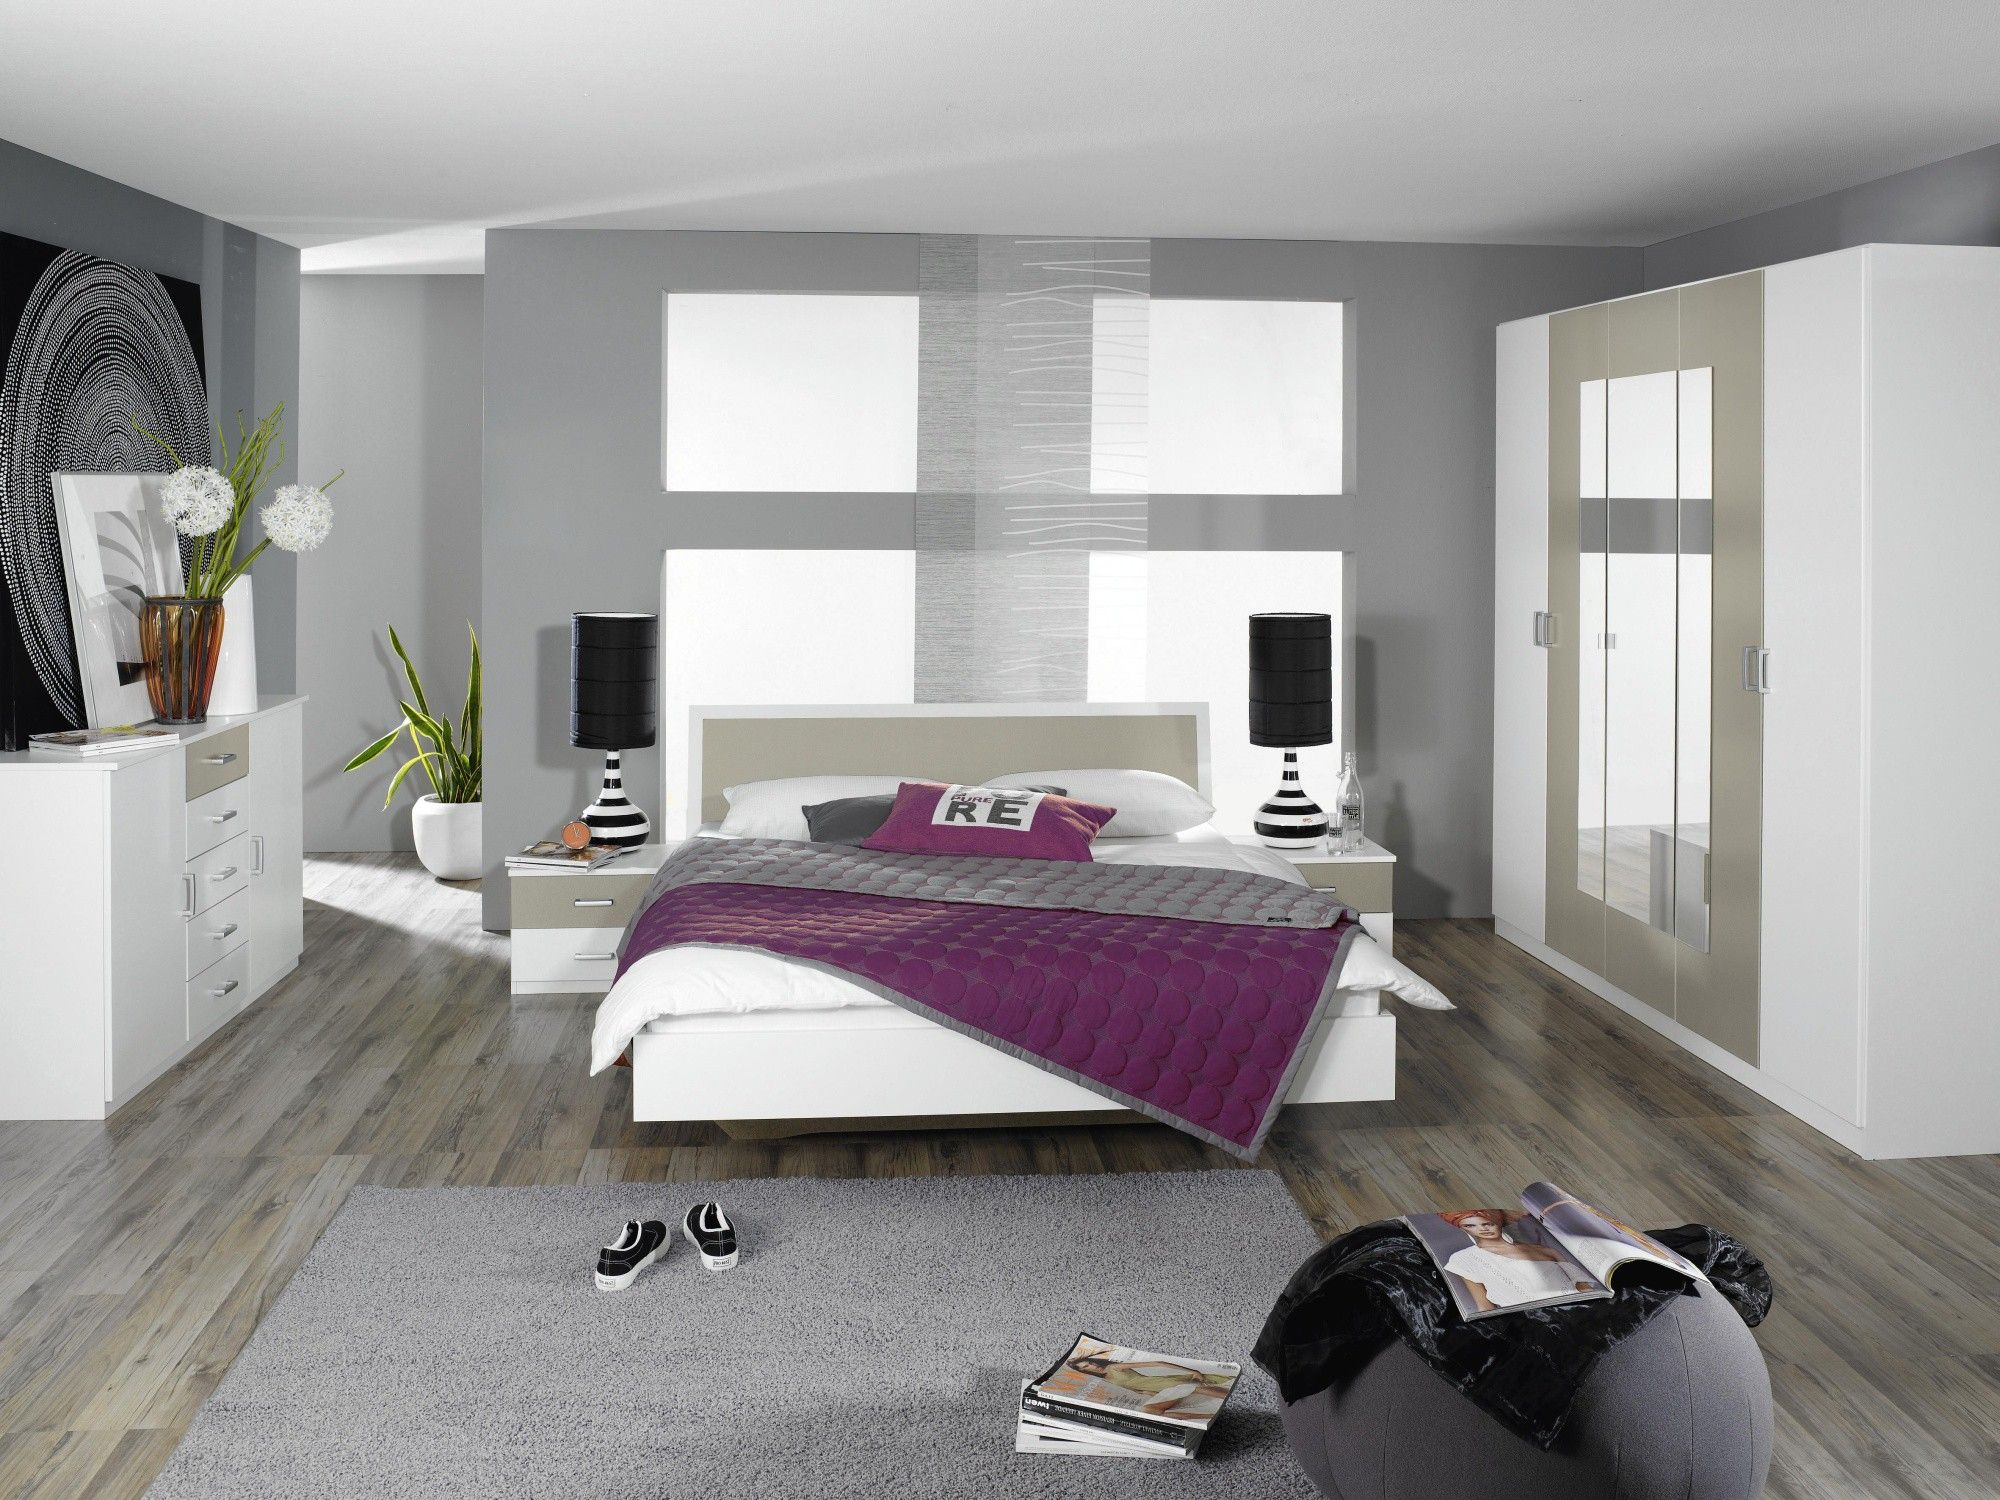 Pingl par officiel sur chambre adulte compl te chambre chambre adulte et - Chambre parentale grise ...